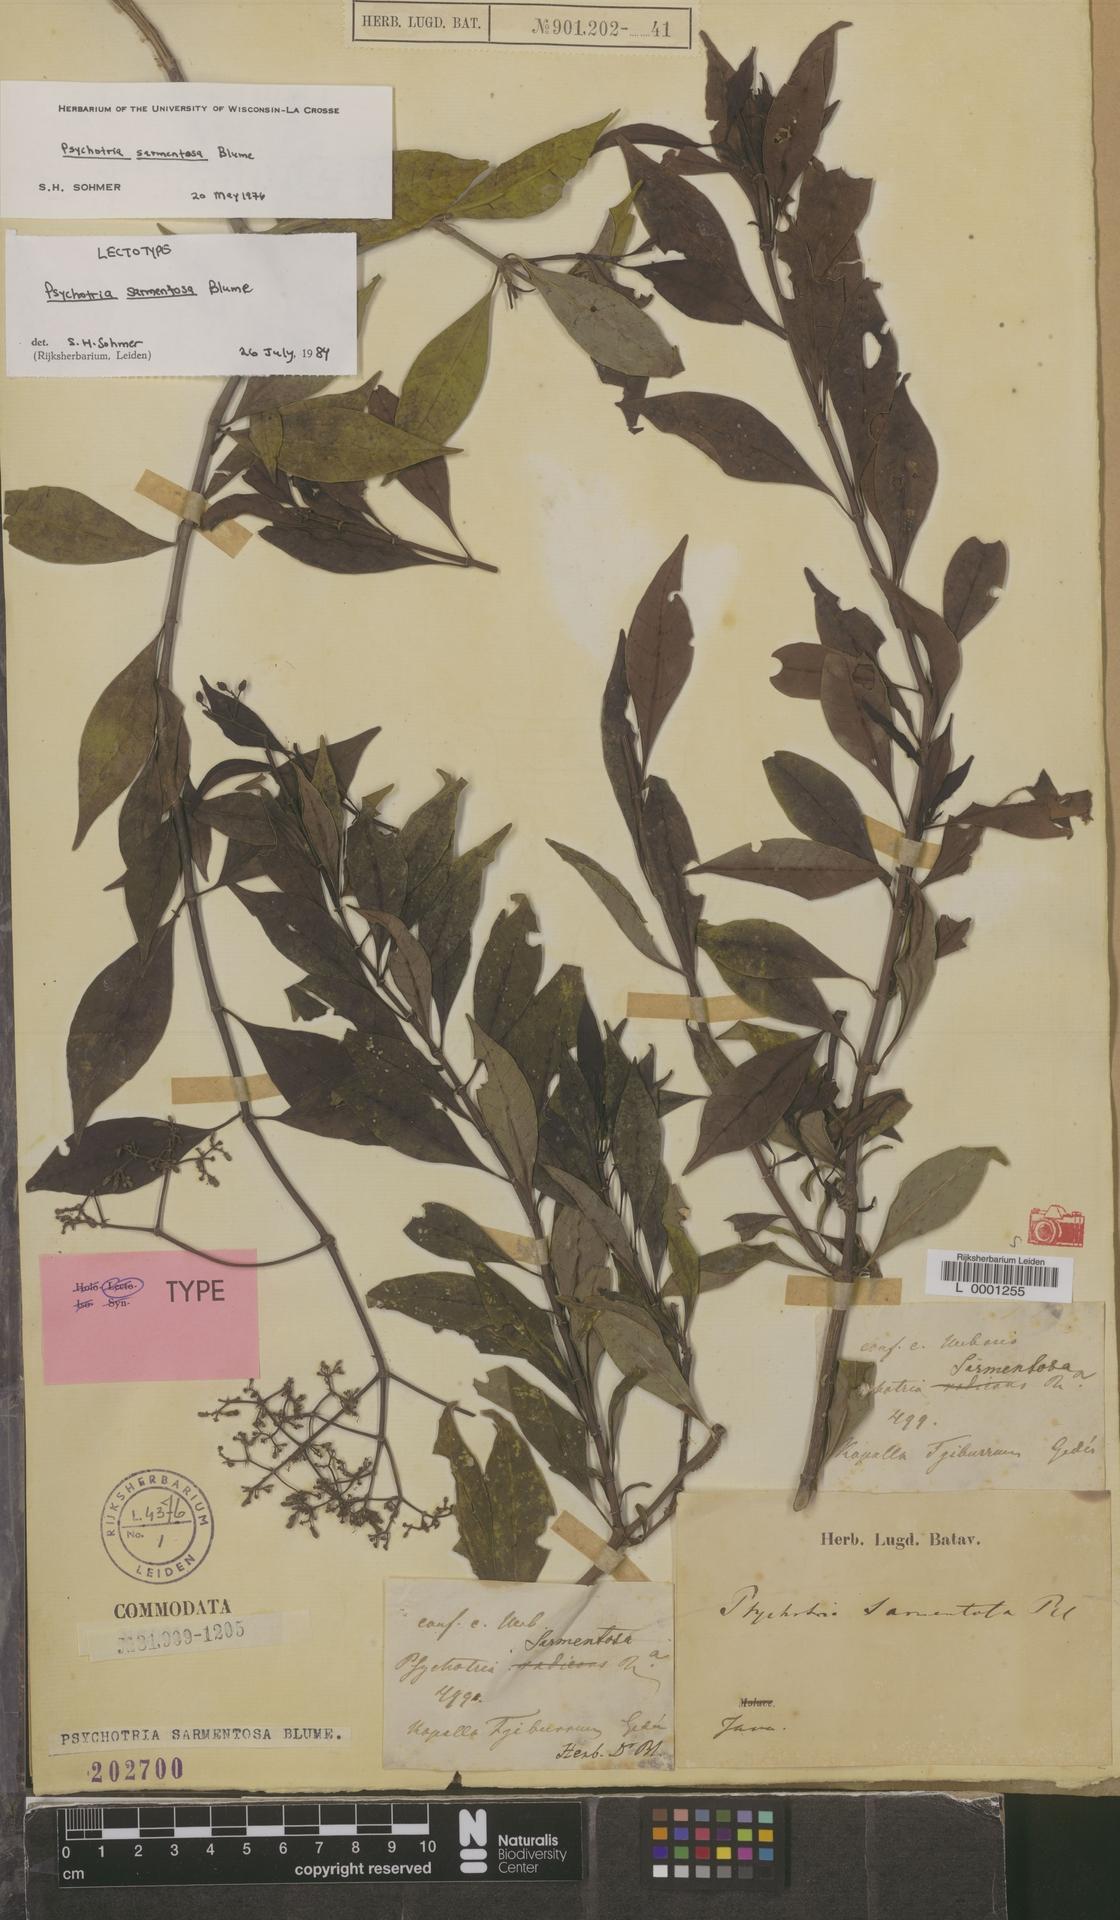 L  0001255 | Psychotria sarmentosa Blume